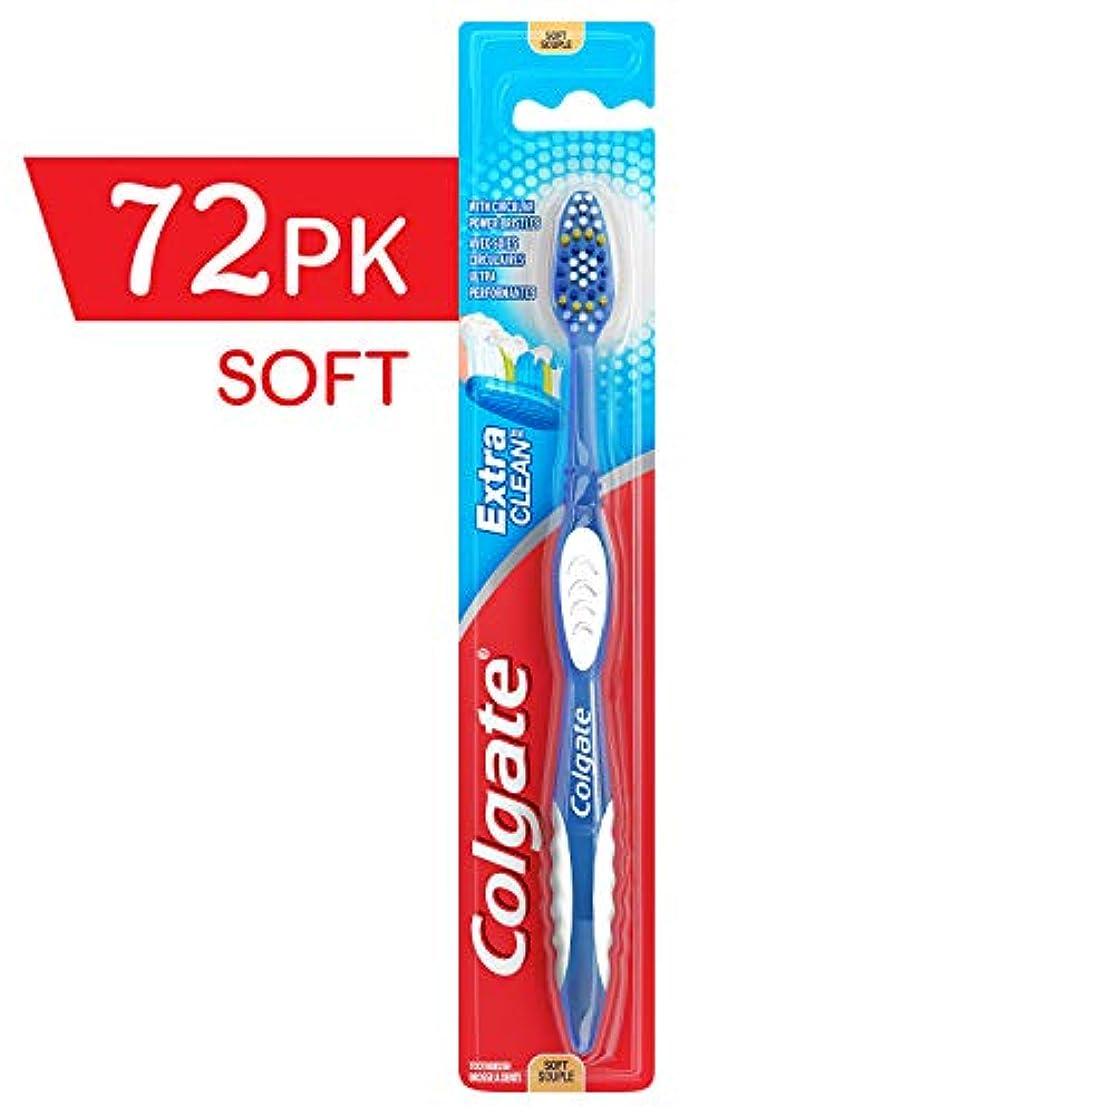 子孫同盟阻害するColgate エクストラクリーン歯ブラシソフト、柔らかい歯ブラシ、バルク歯ブラシ、旅行歯ブラシ、(72の場合)(モデル番号:155676)